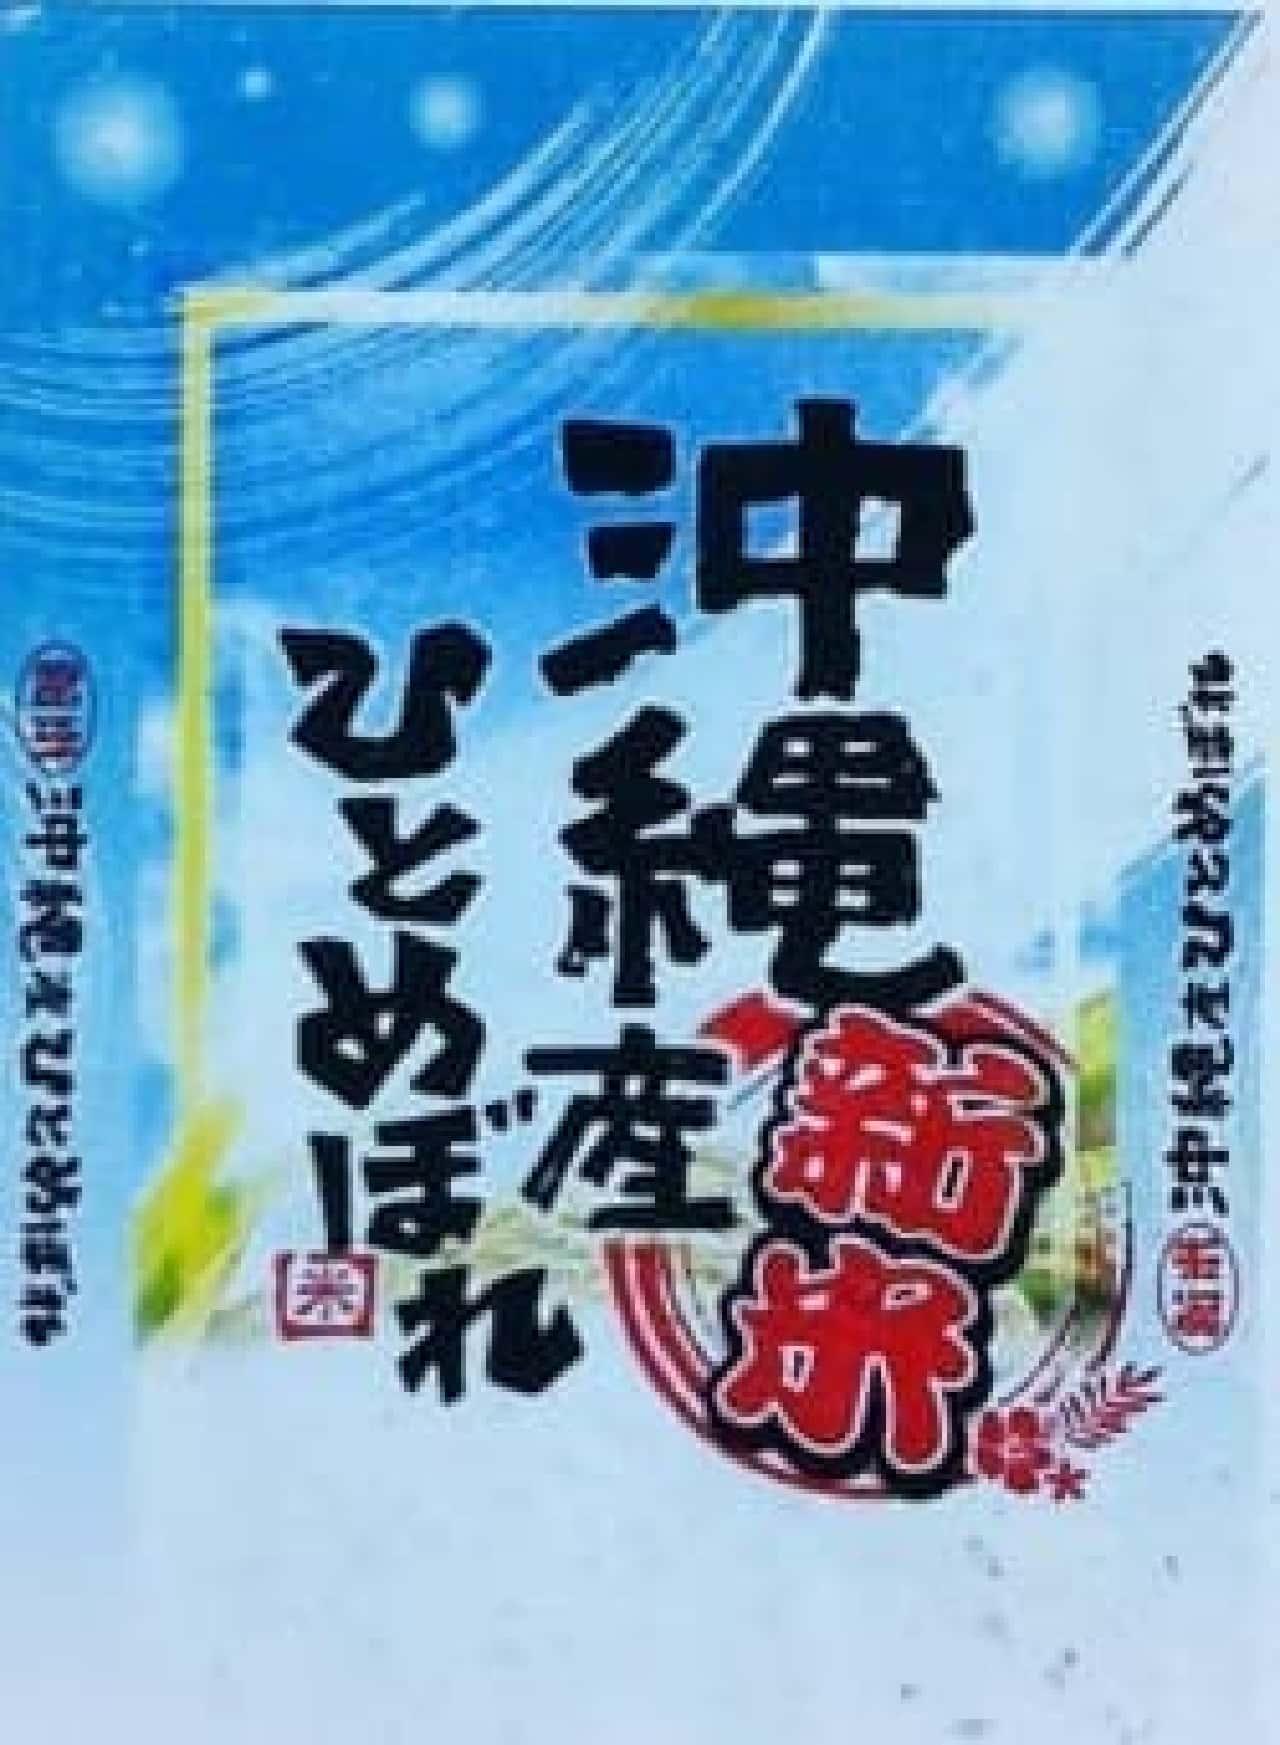 「新米ストア」は日本で唯一、全国47都道府県産の新米を届けてくれるオンラインショップ。 日本の米どころの秋田や新潟産の新米だけでなく、全国各地の新銘柄も取り揃えてます。